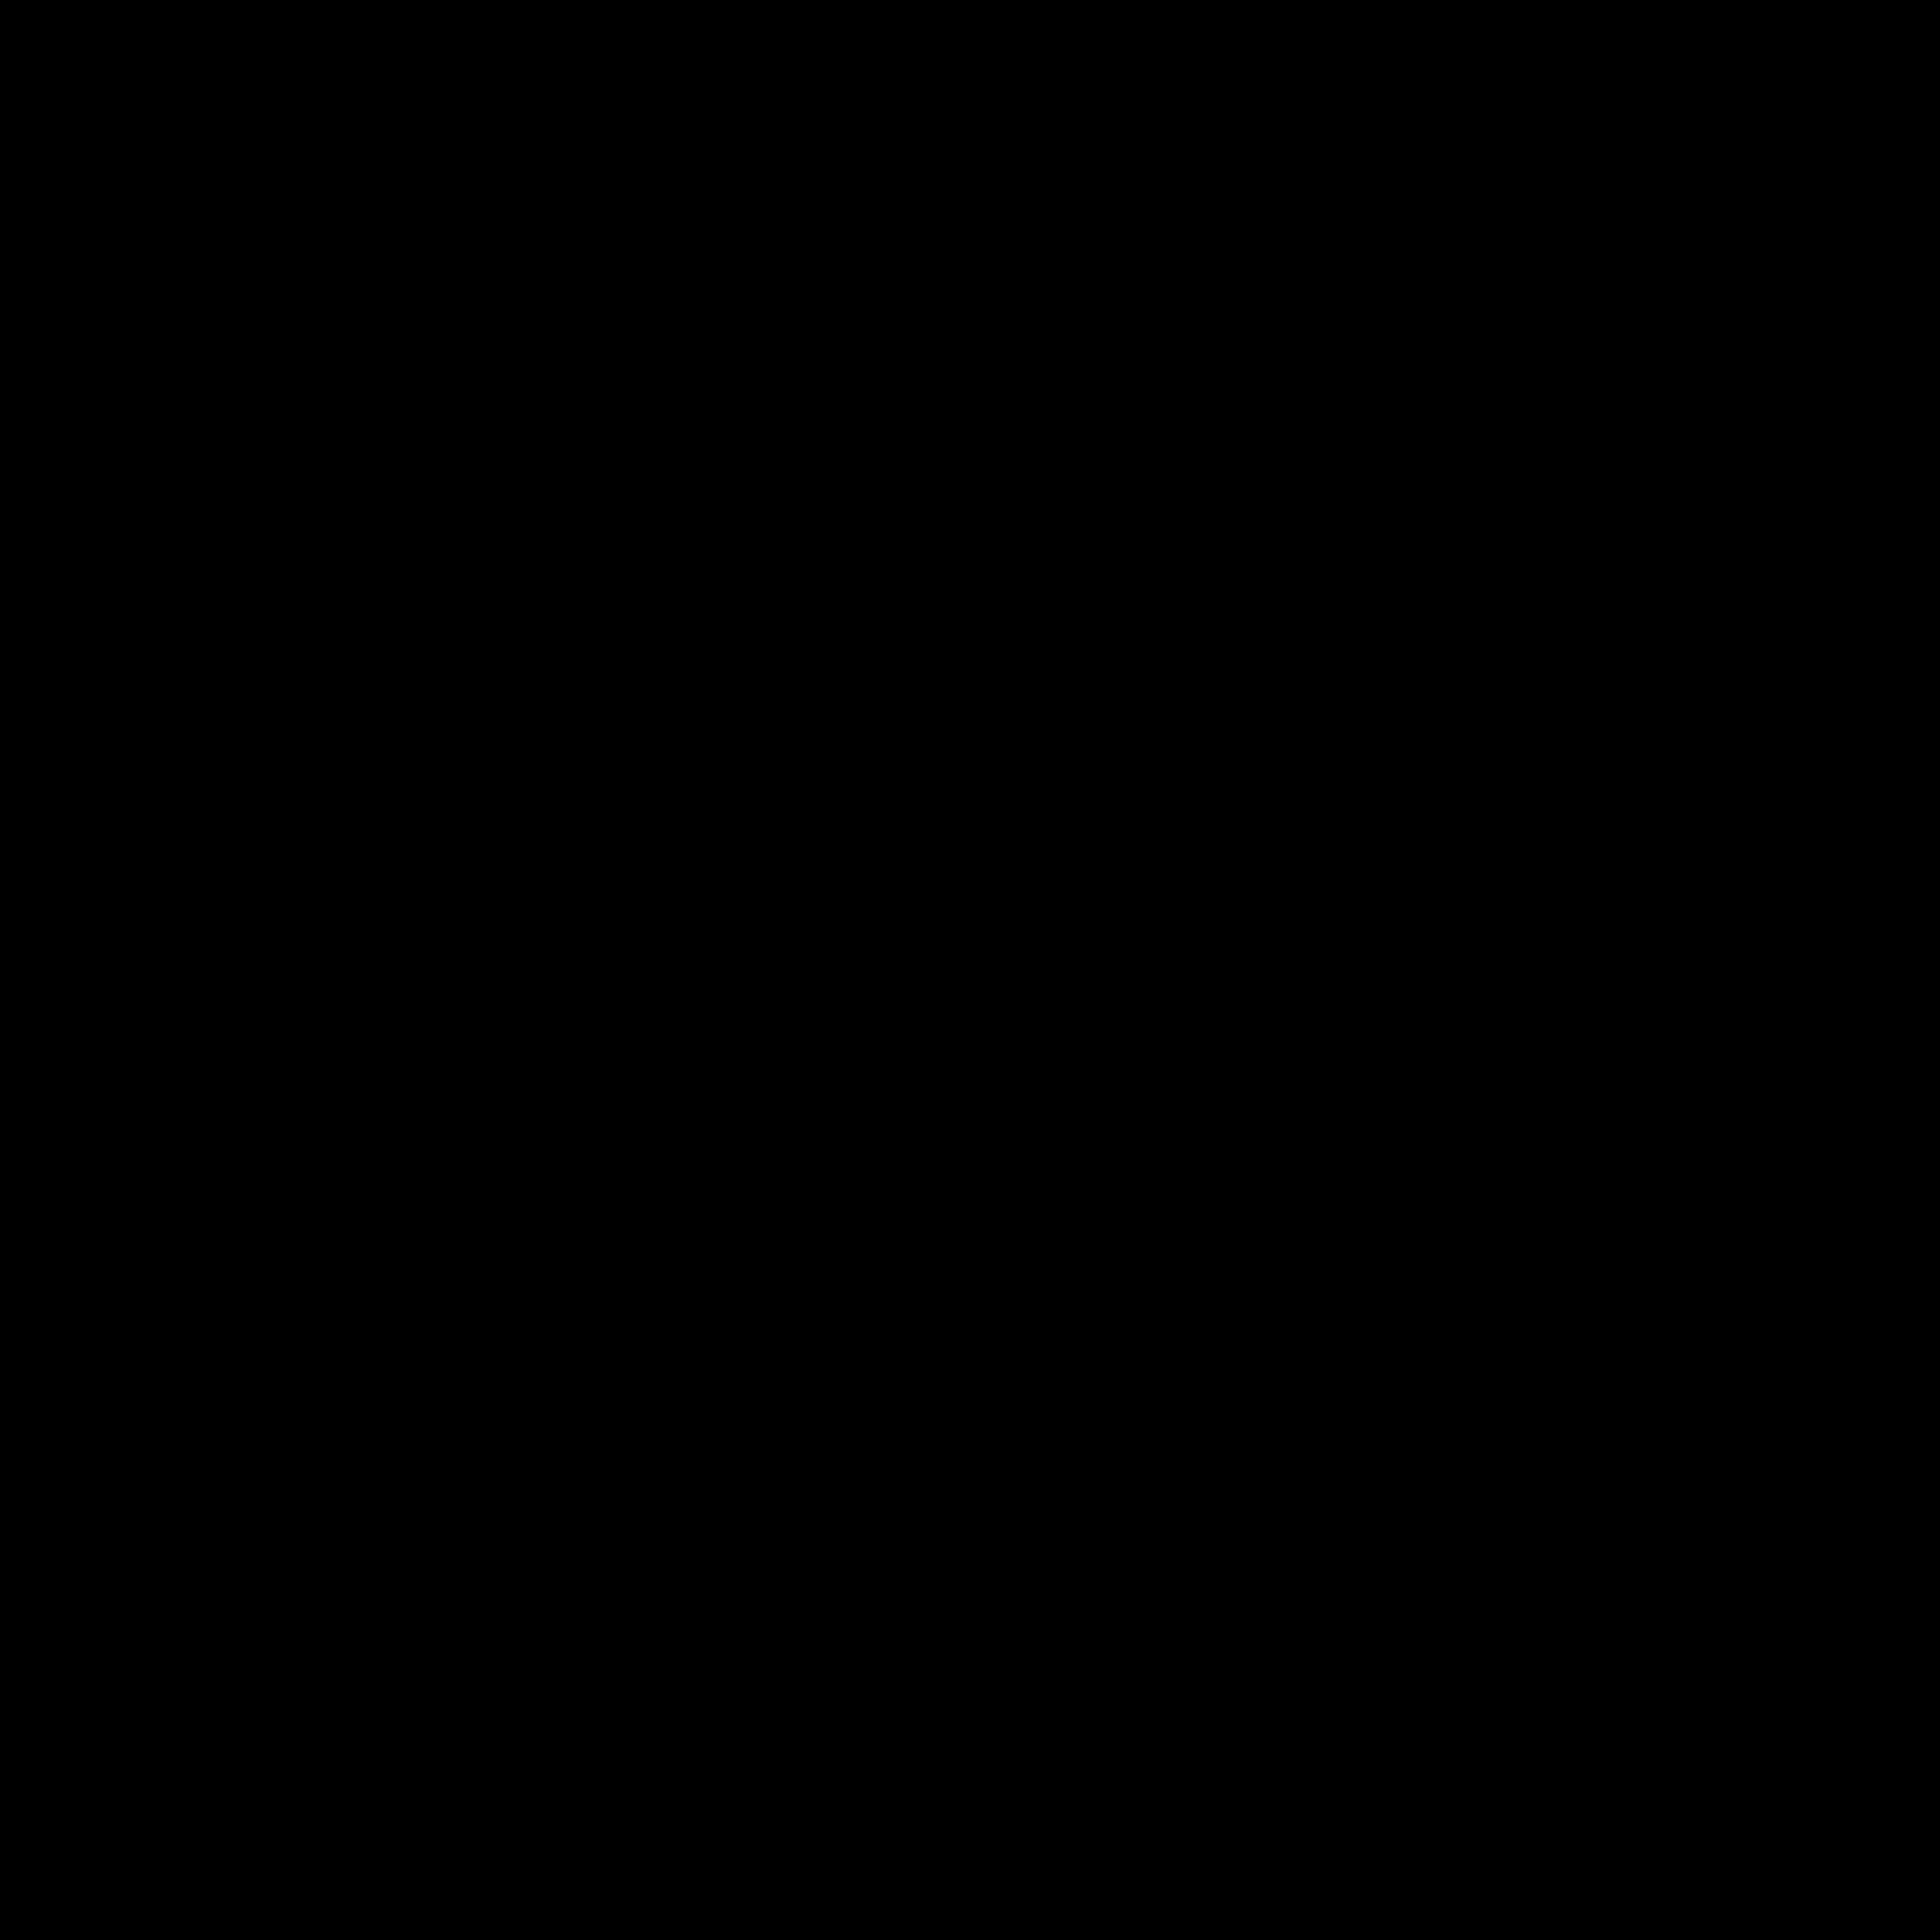 Clipart - Kids Outline Frame 3